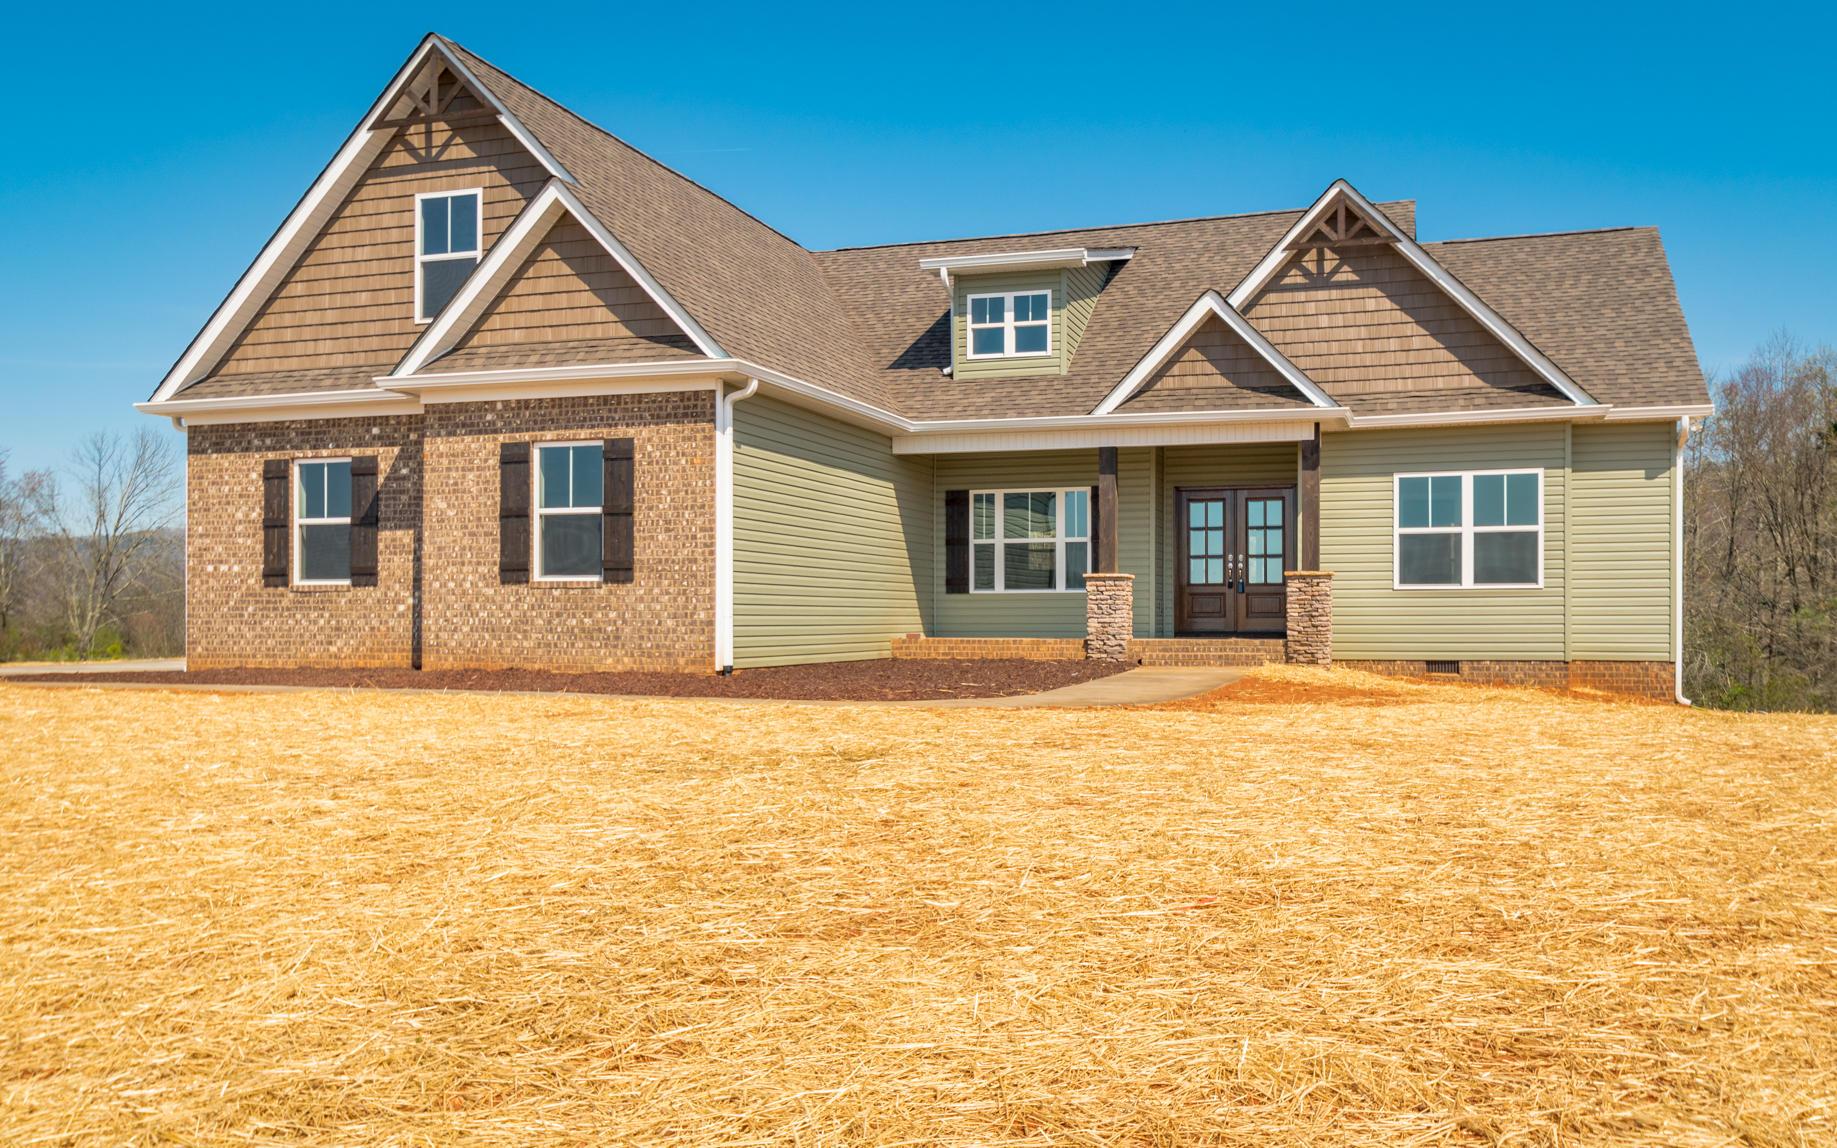 98 Farm View Cir, Rock Spring, GA 30739